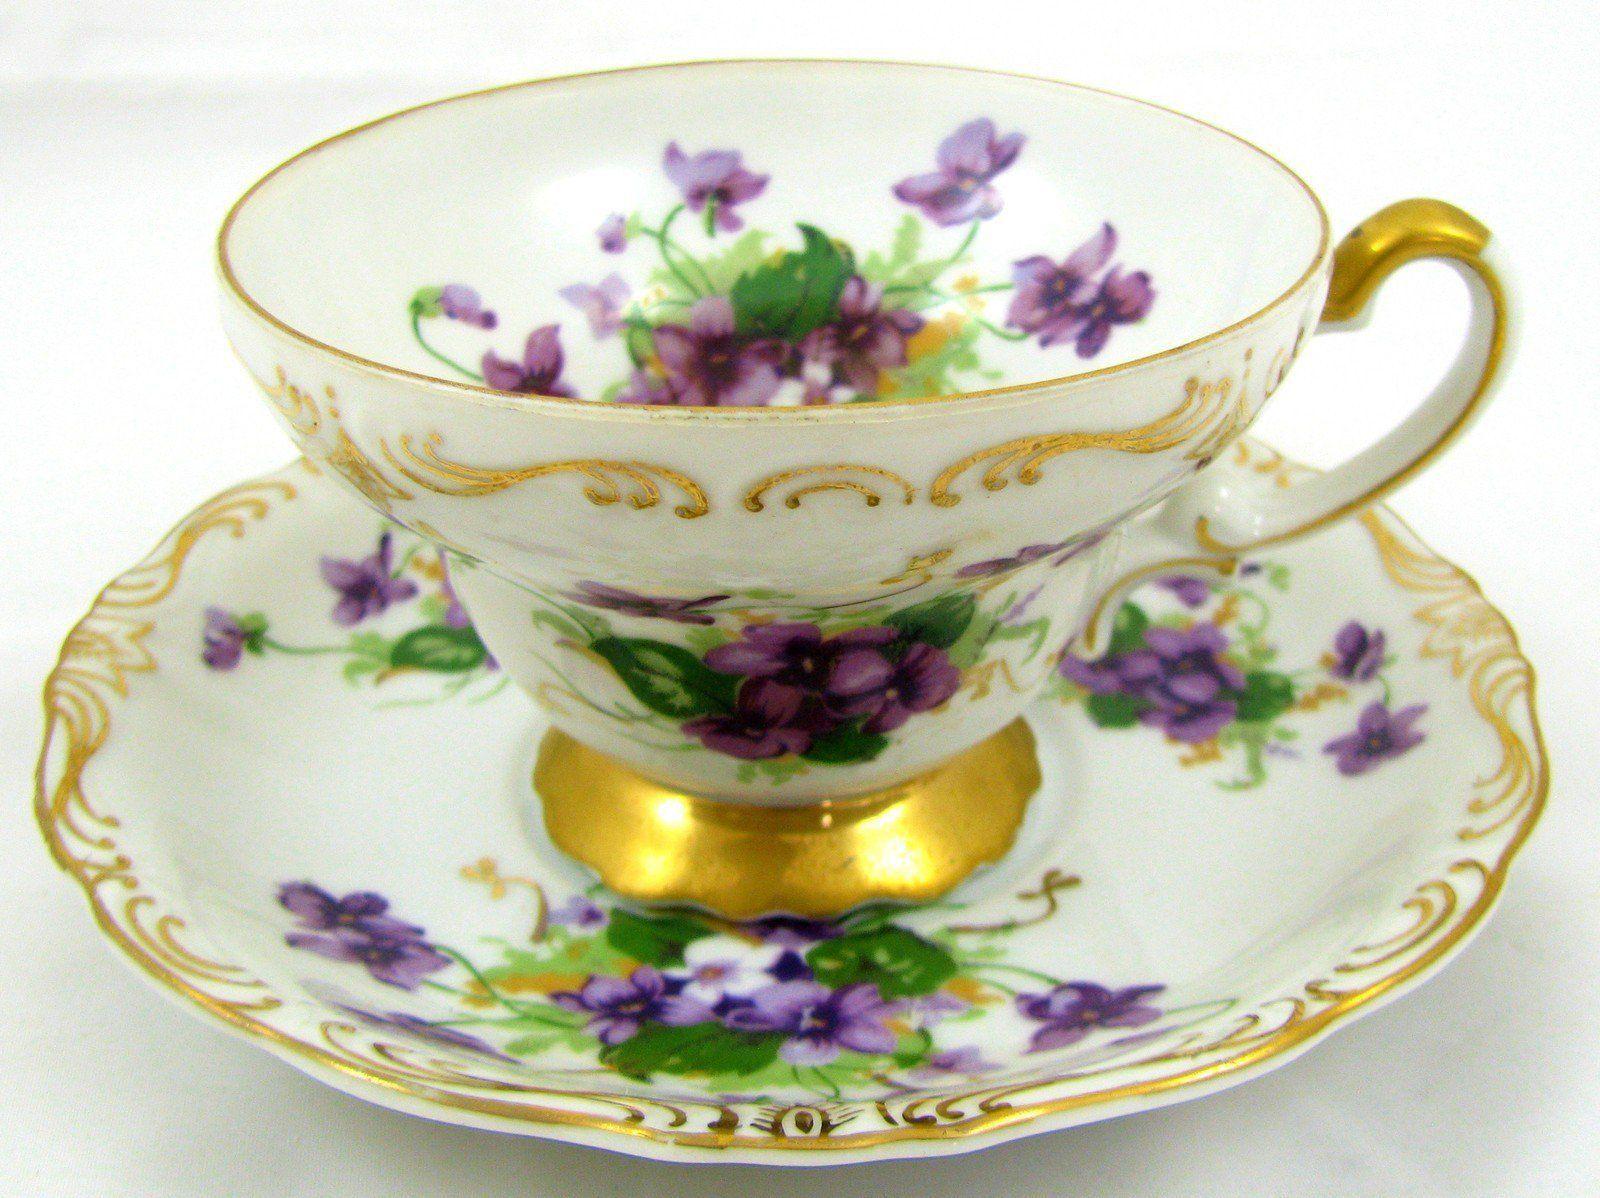 Antique Tea Cups Product Norcrest Sweet Violet Vintage